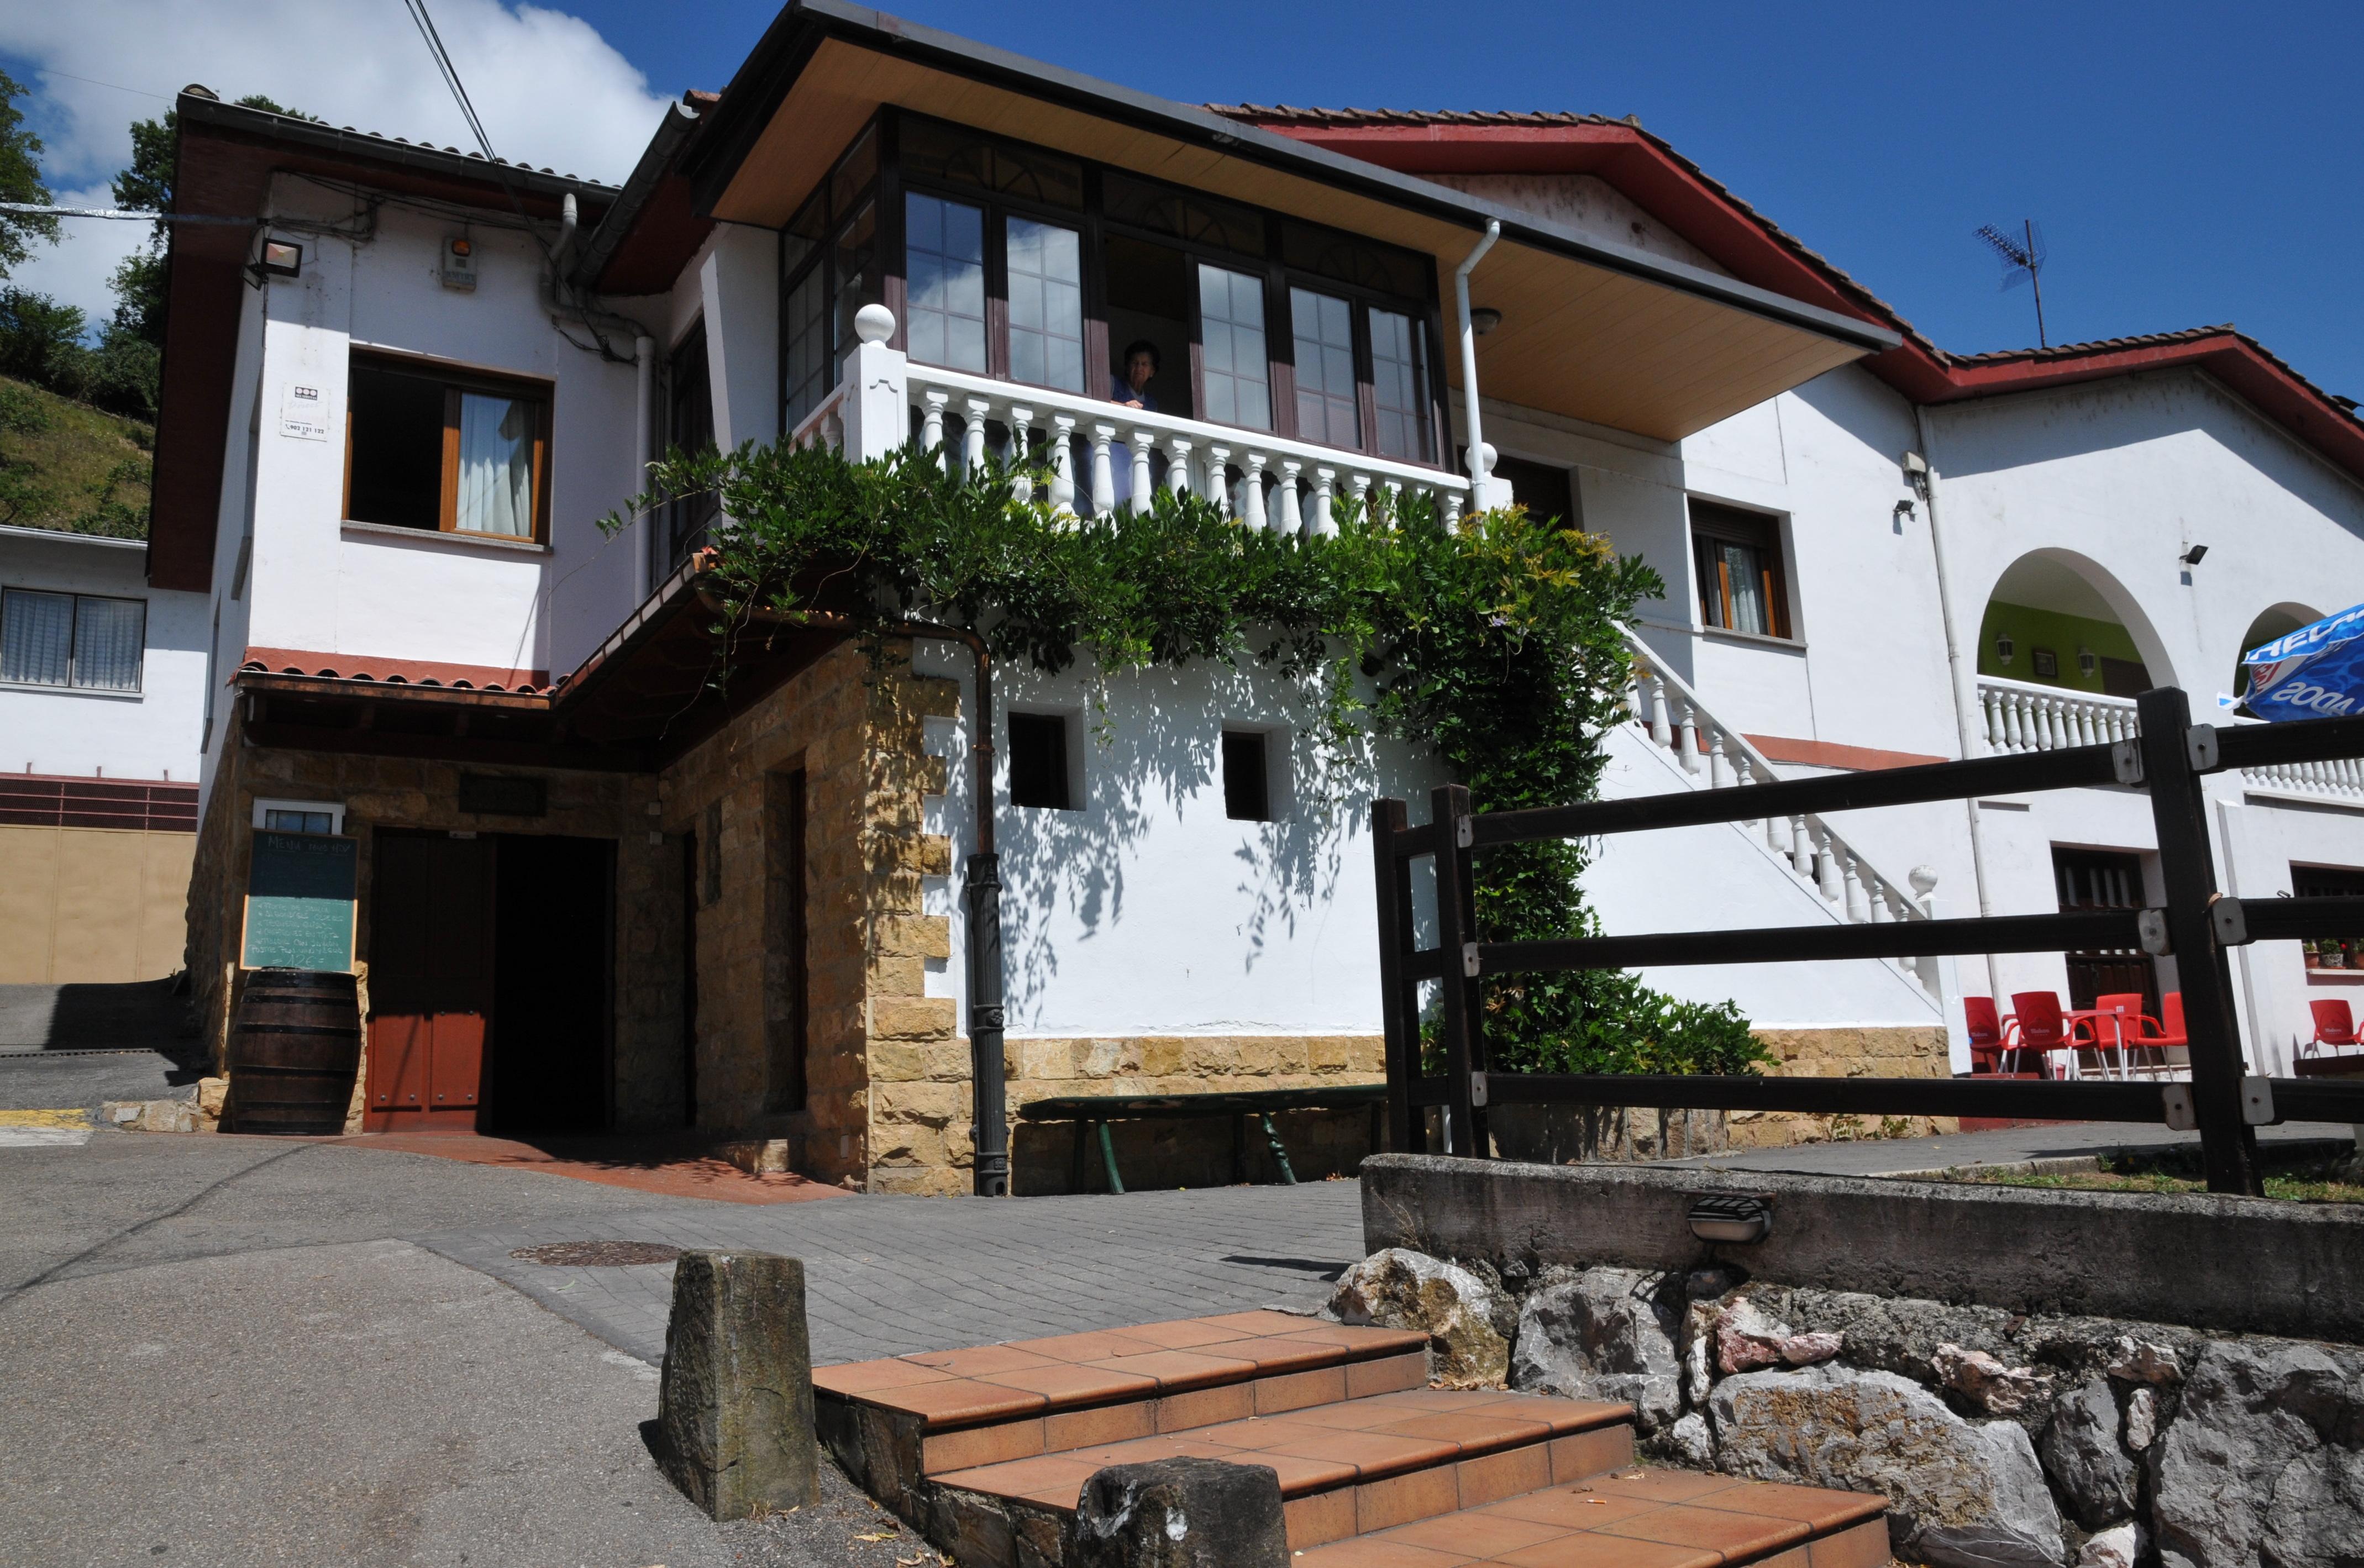 Restaurante en Mieres con cocina tradicional, bar y sidreria